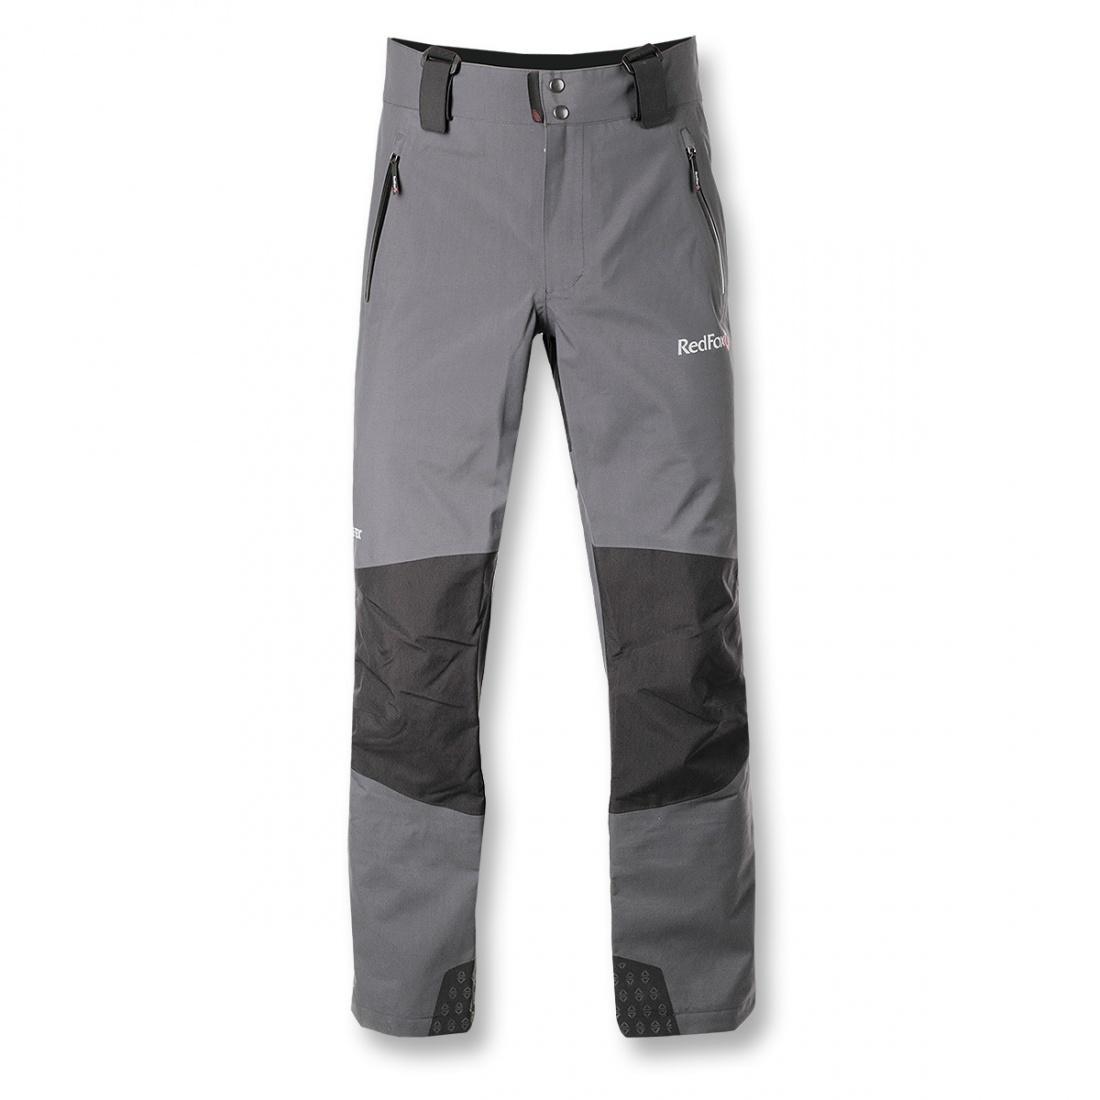 Брюки ветрозащитные X5 GTXБрюки, штаны<br>Экспедиционные мужские штормовые брюки-самосбросы для альпинизма. Штормовые брюки из серии Pro Line идут в комплекте с курткой...<br><br>Цвет: Серый<br>Размер: 58